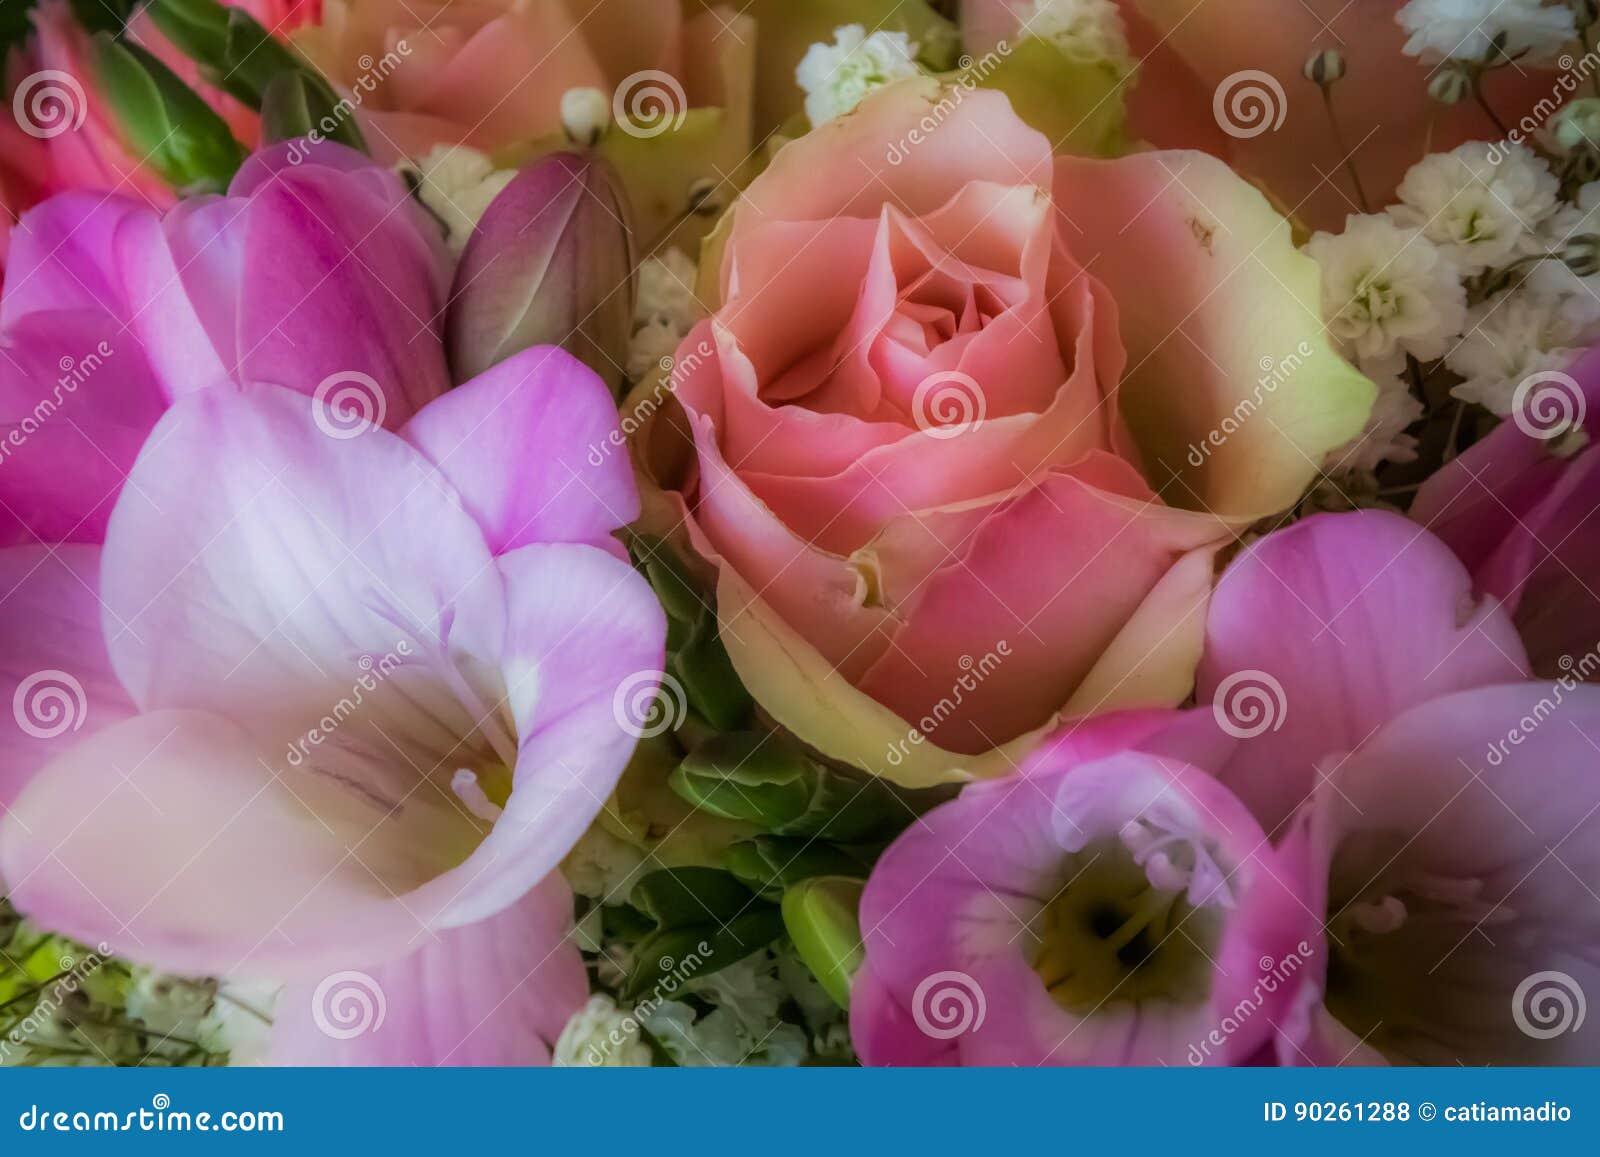 Le rose doux fleurit le fond